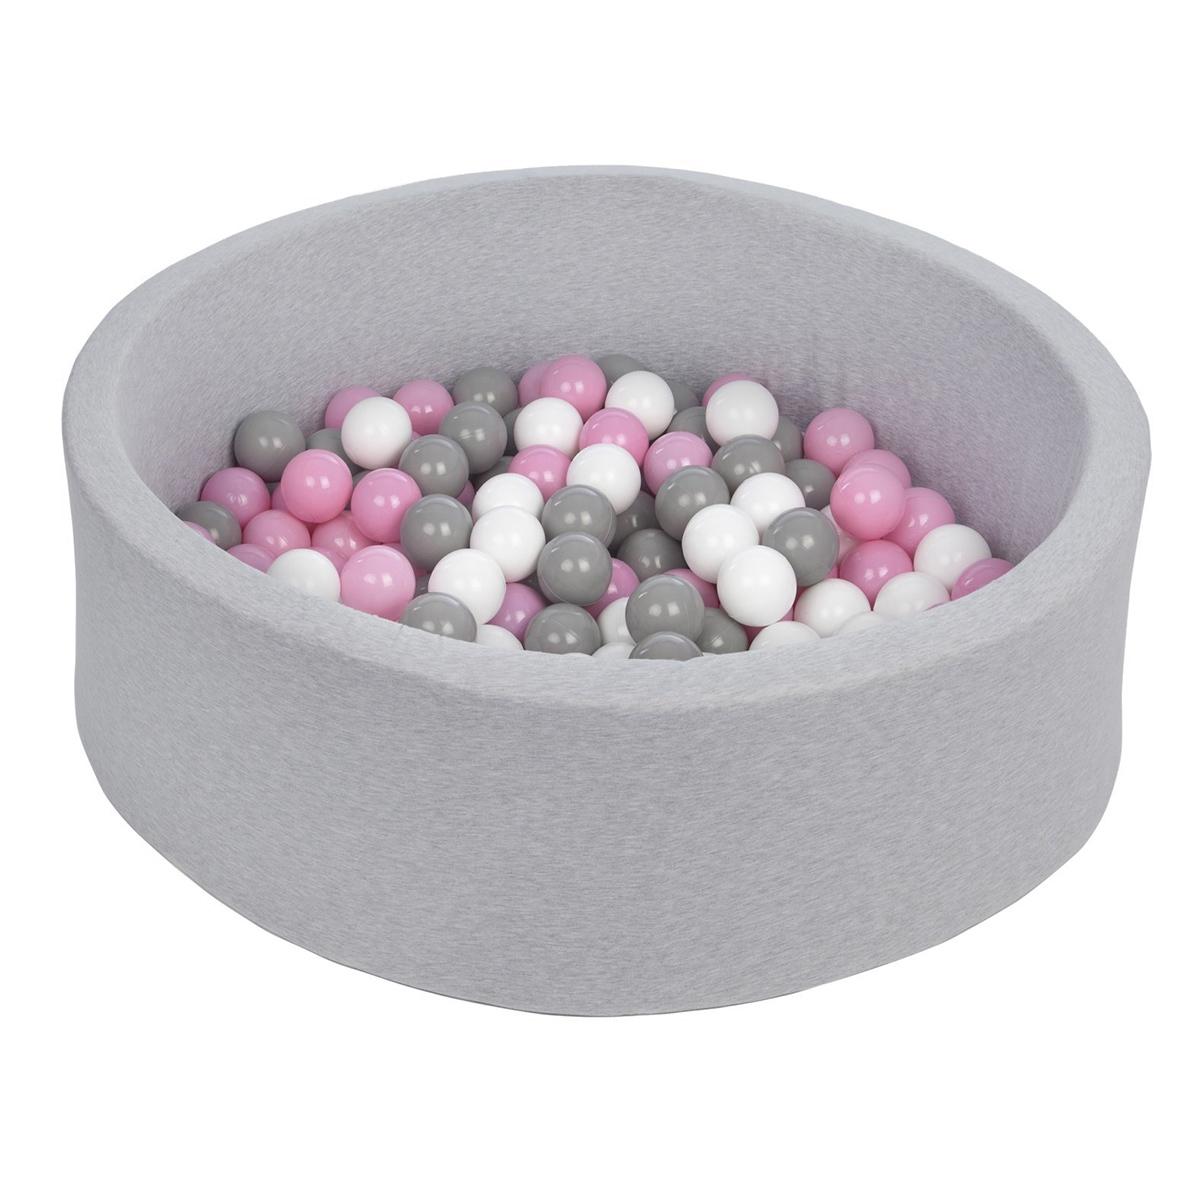 Mes premiers jouets Piscine à Balles Ronde Grise 115 cm + Balles RAP Piscine à Balles Ronde Grise 115 cm + Balles RAP